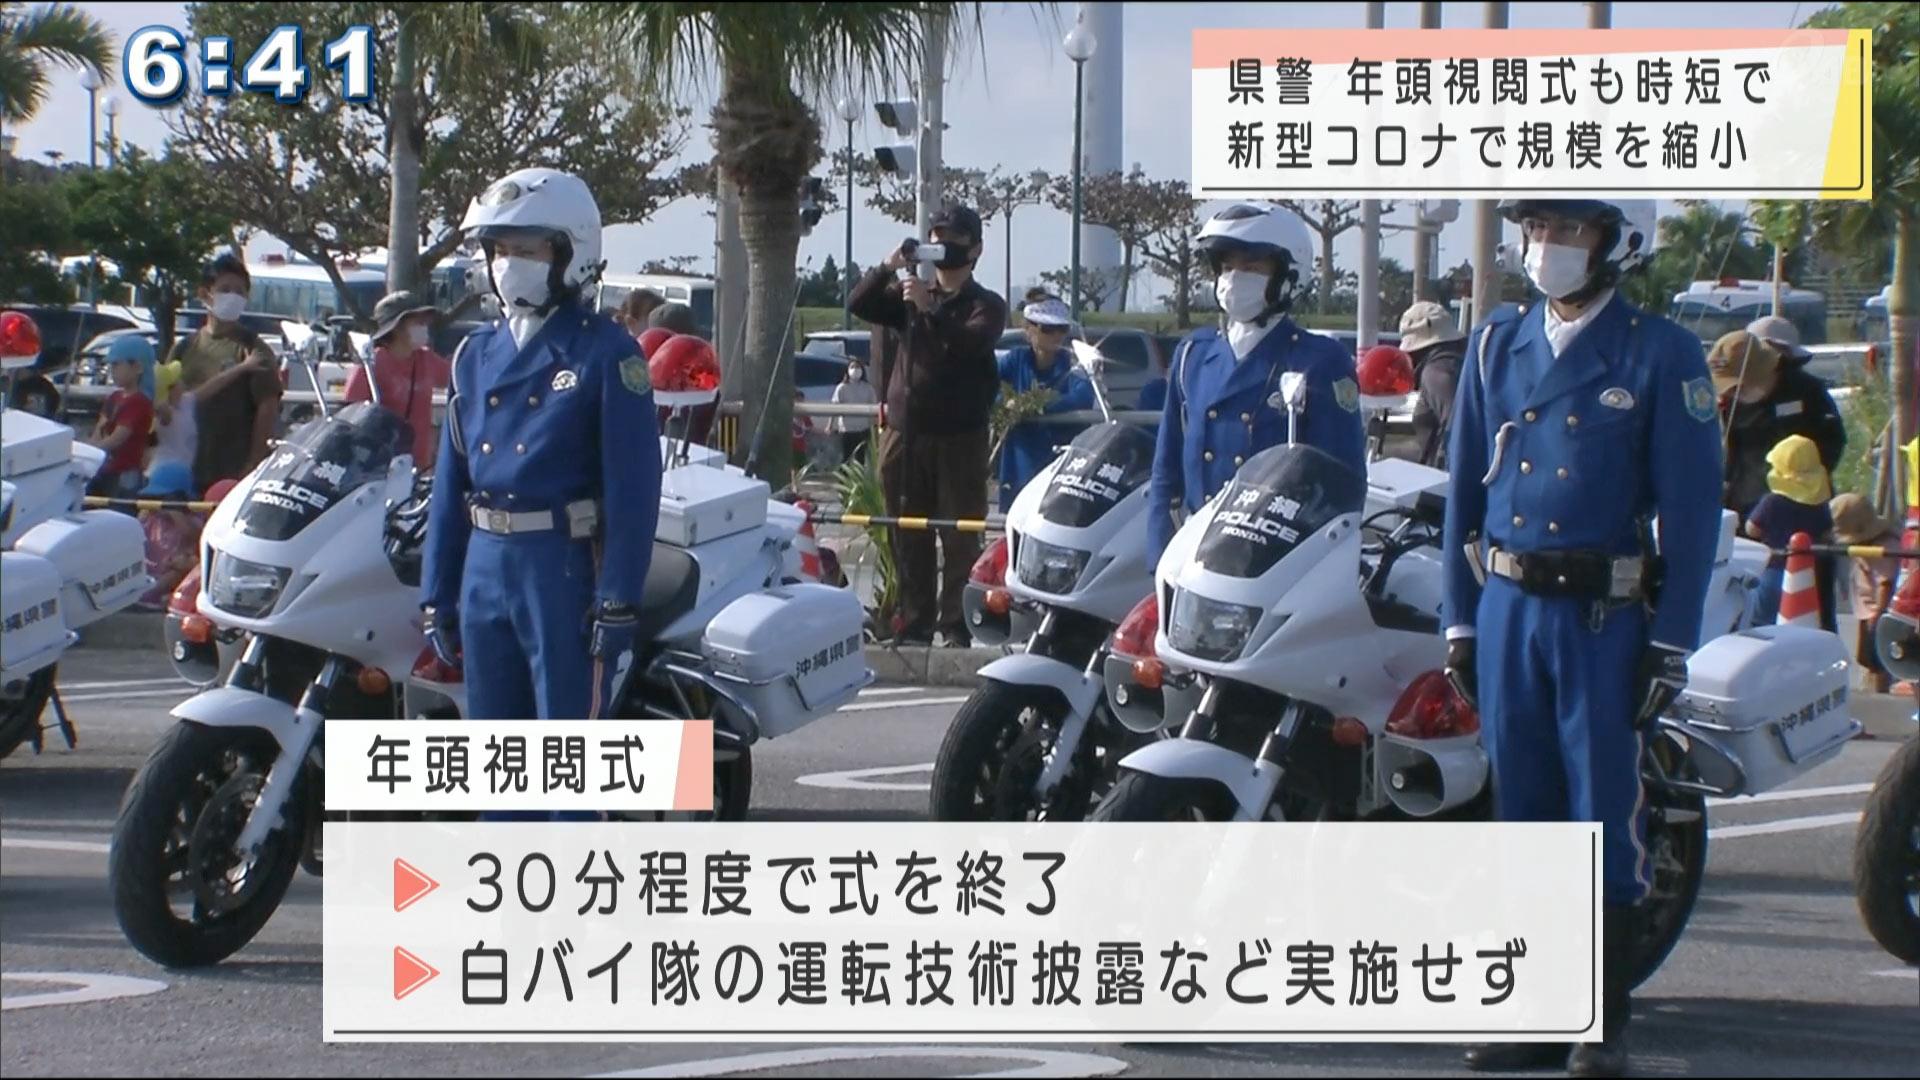 新型コロナで規模を縮小 沖縄県警年頭視閲式